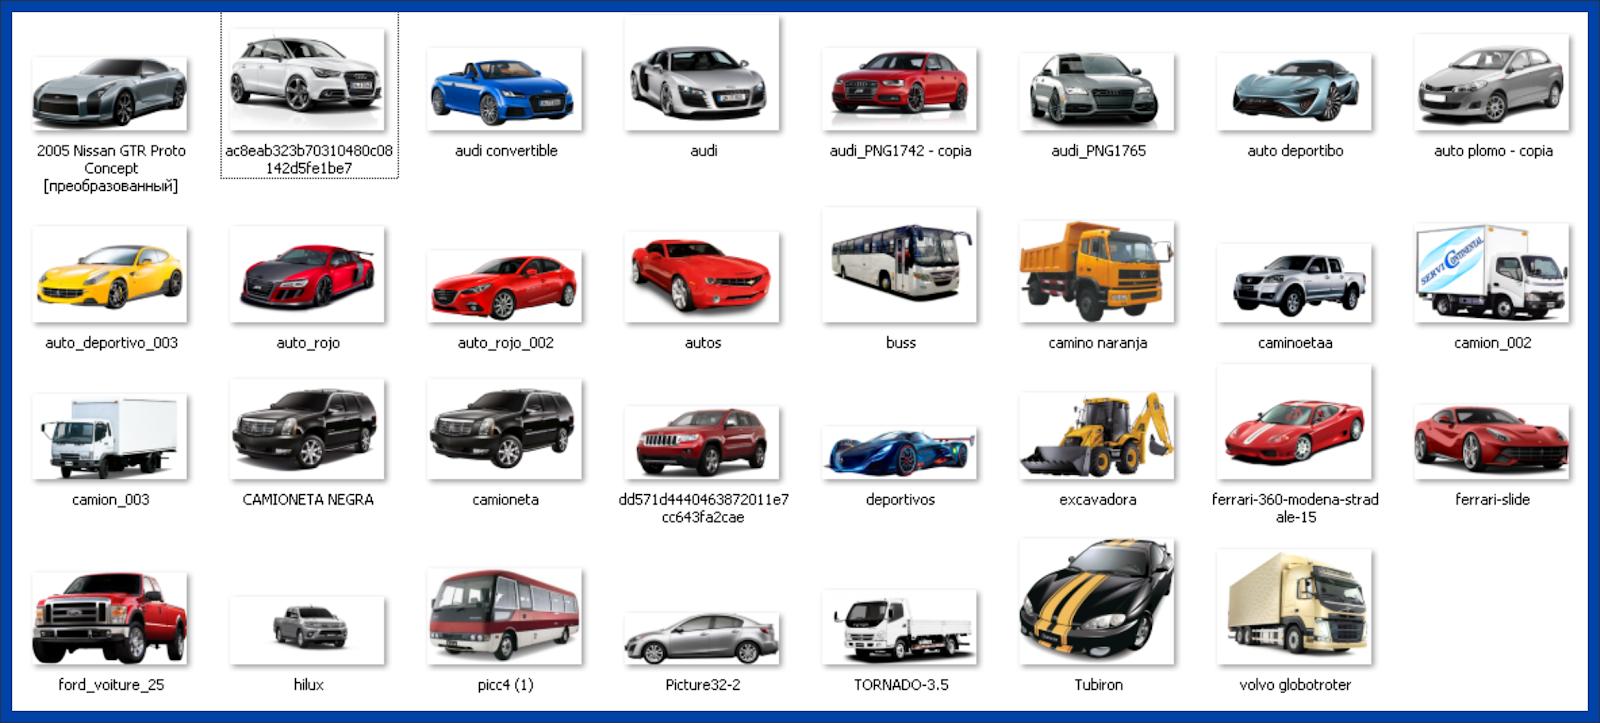 carros png para photoshop gratis.